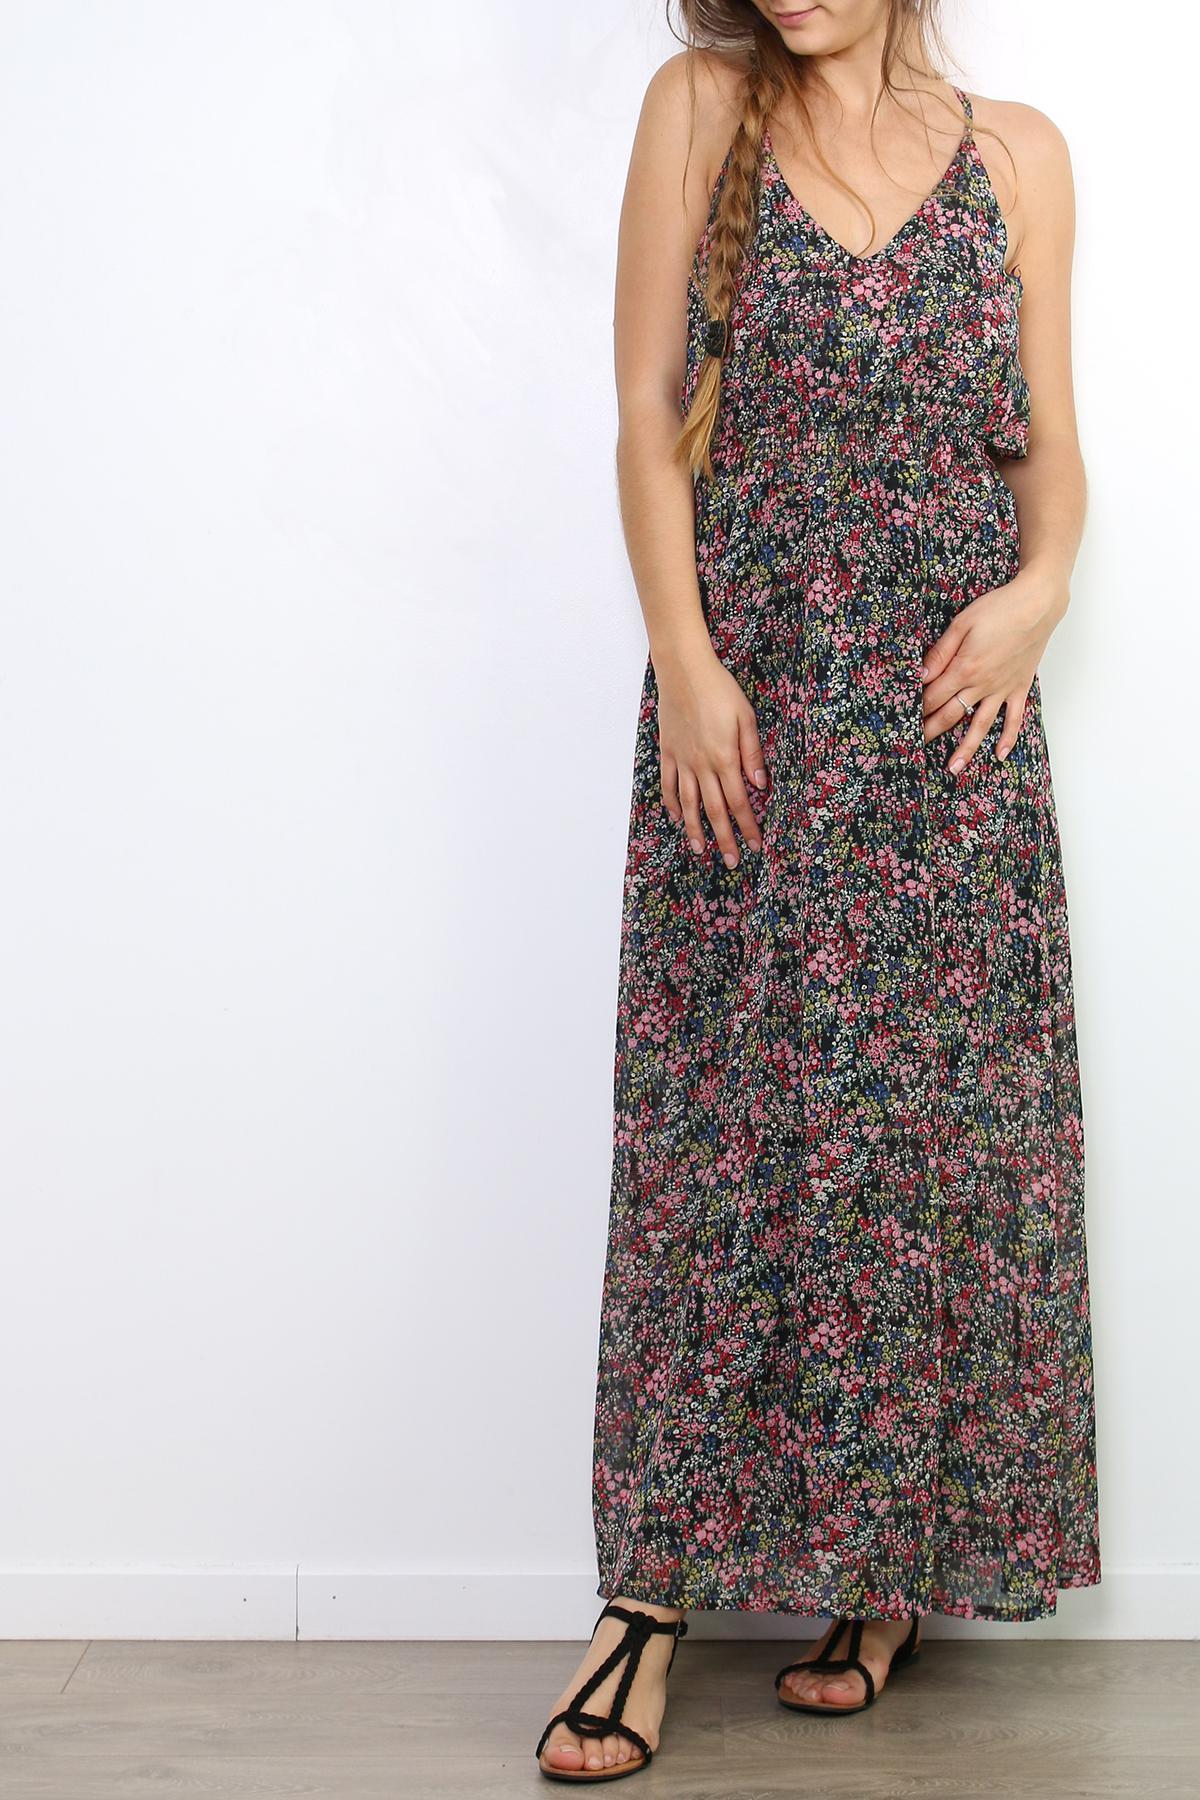 Robes longues Femme Noir JOWELL JR7113 #c eFashion Paris